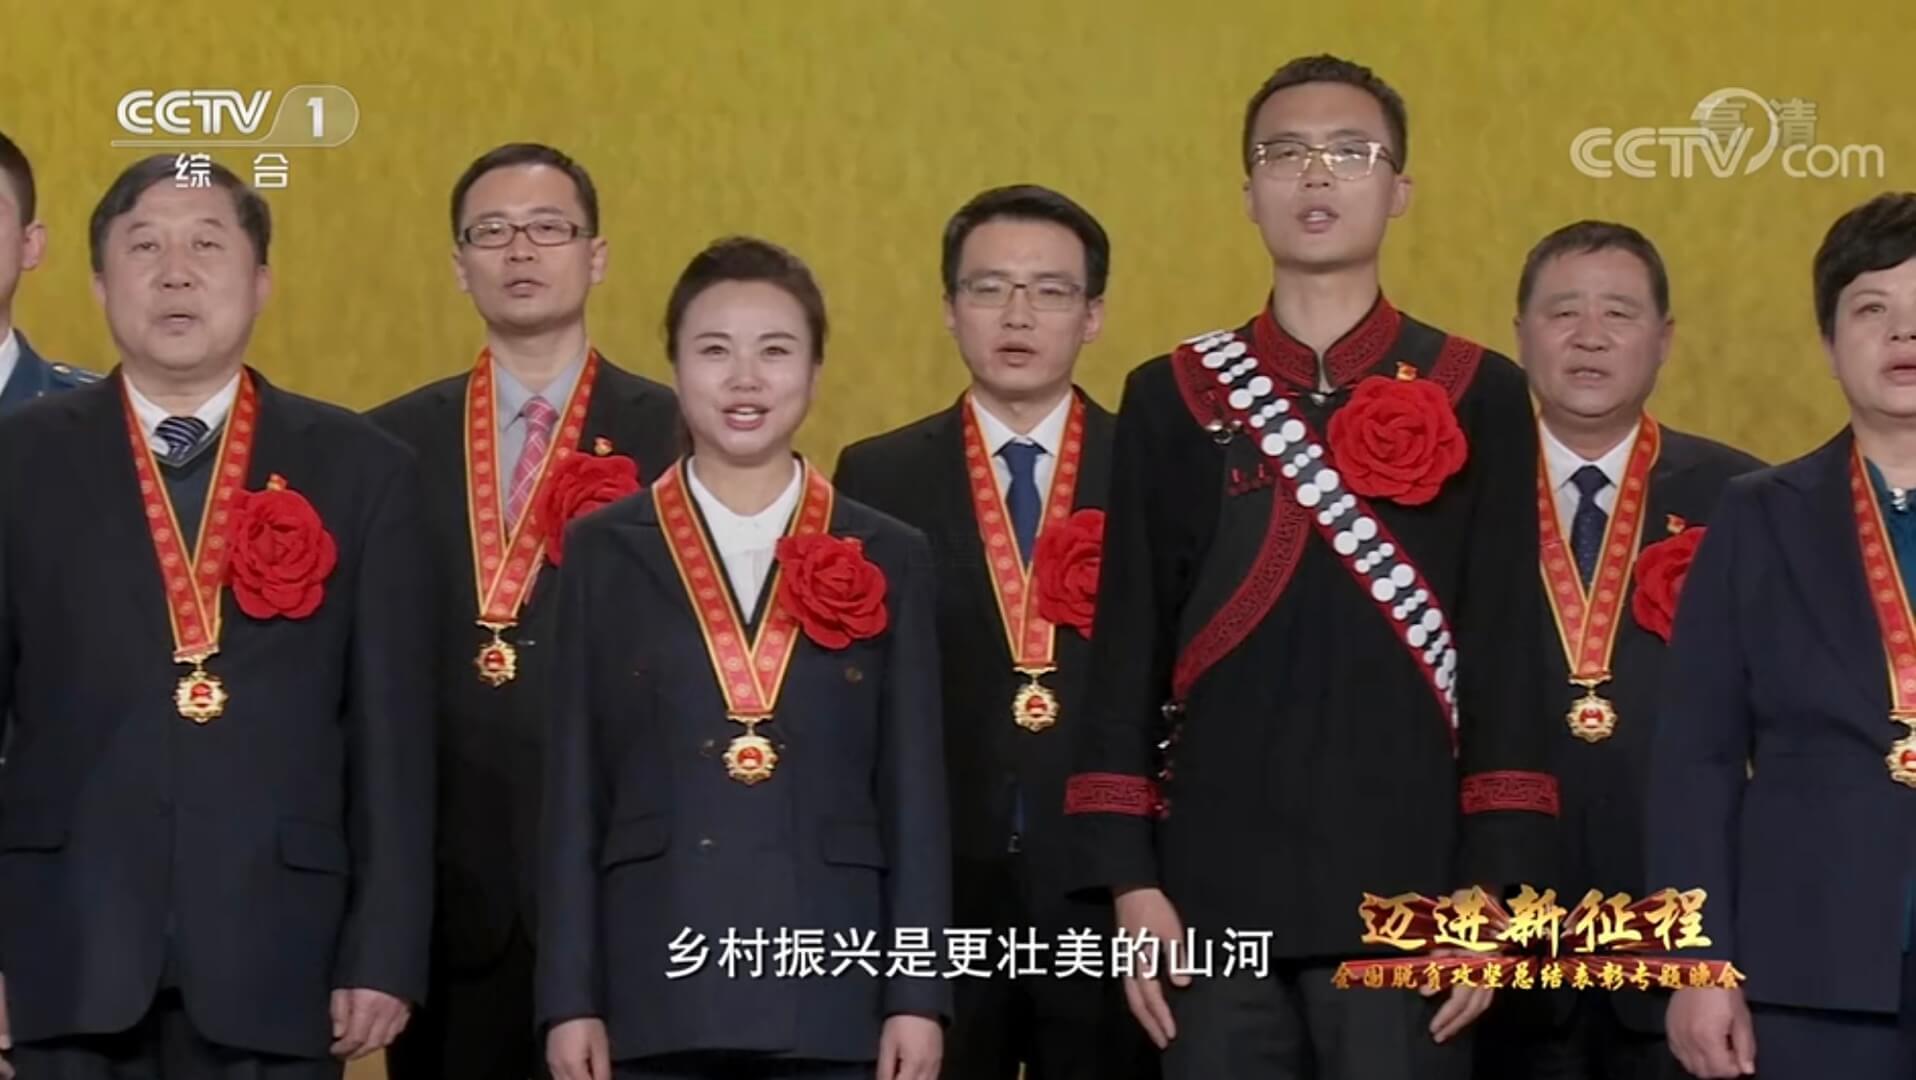 云账户董事长参加全国脱贫攻坚总结表彰专题晚会